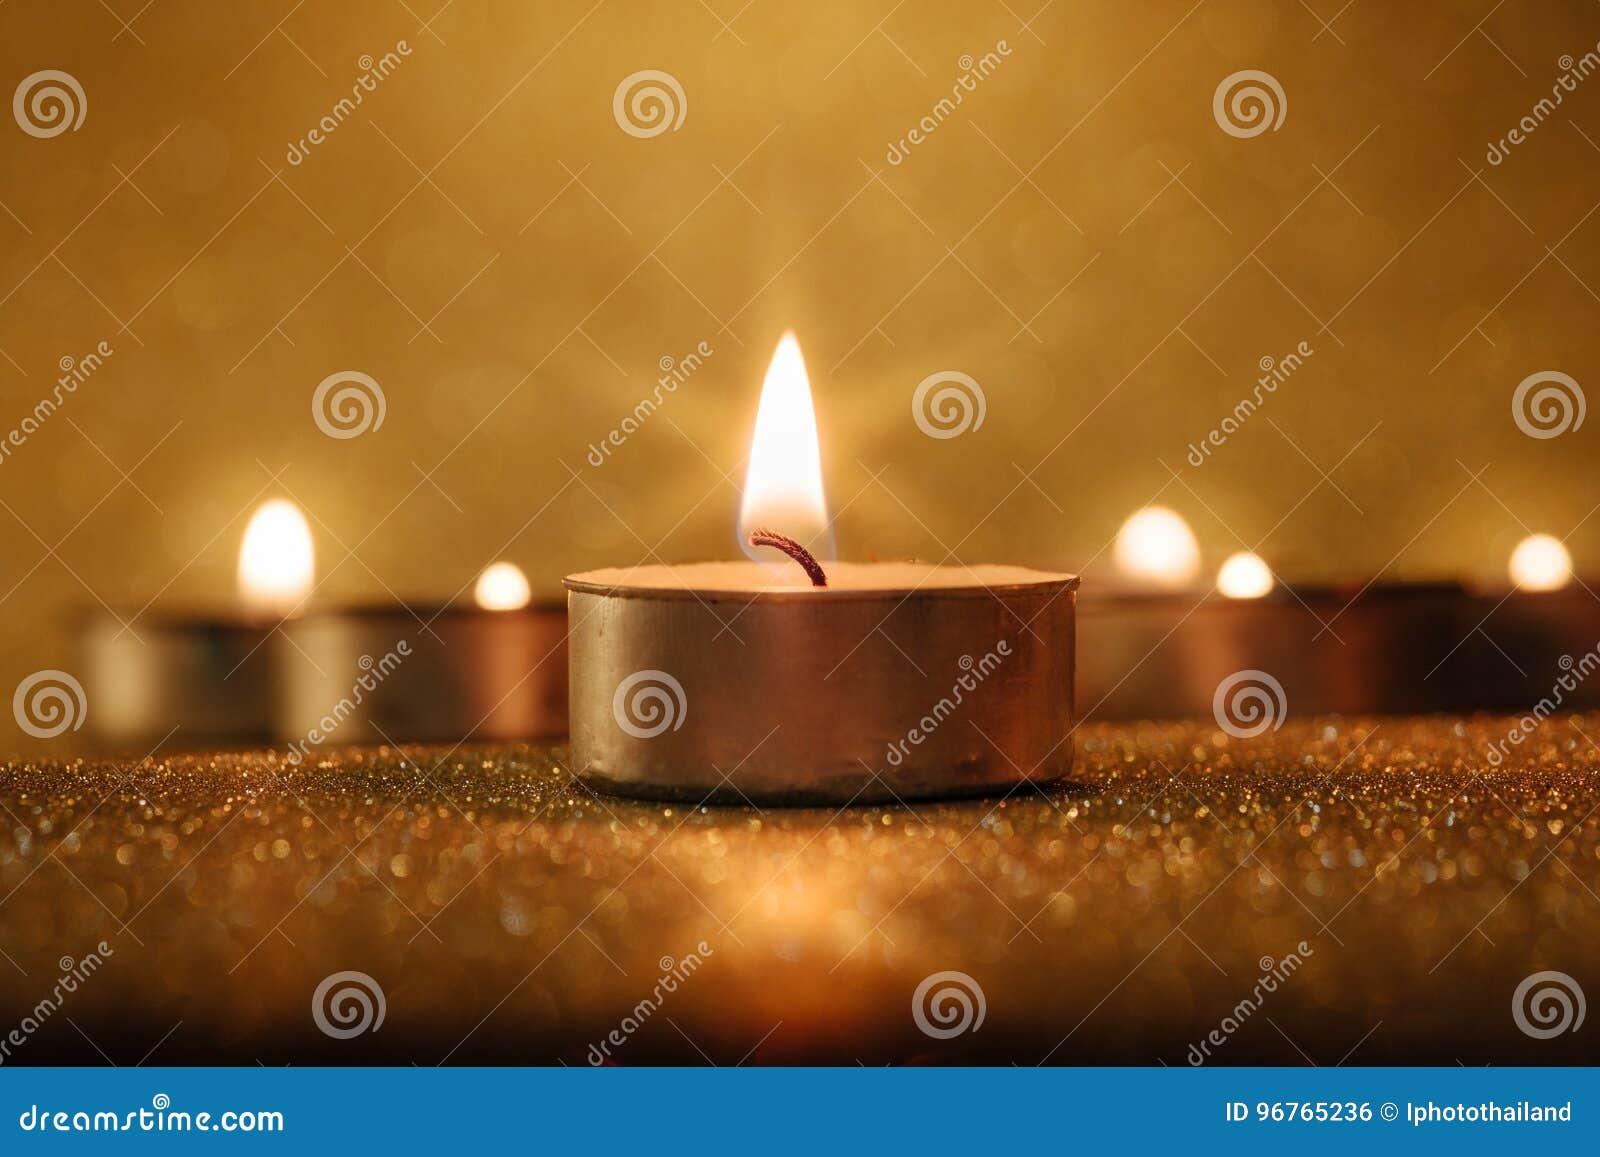 Έννοια προσευχής και ελπίδας Αναδρομικό φως κεριών με την επίδραση φωτισμού